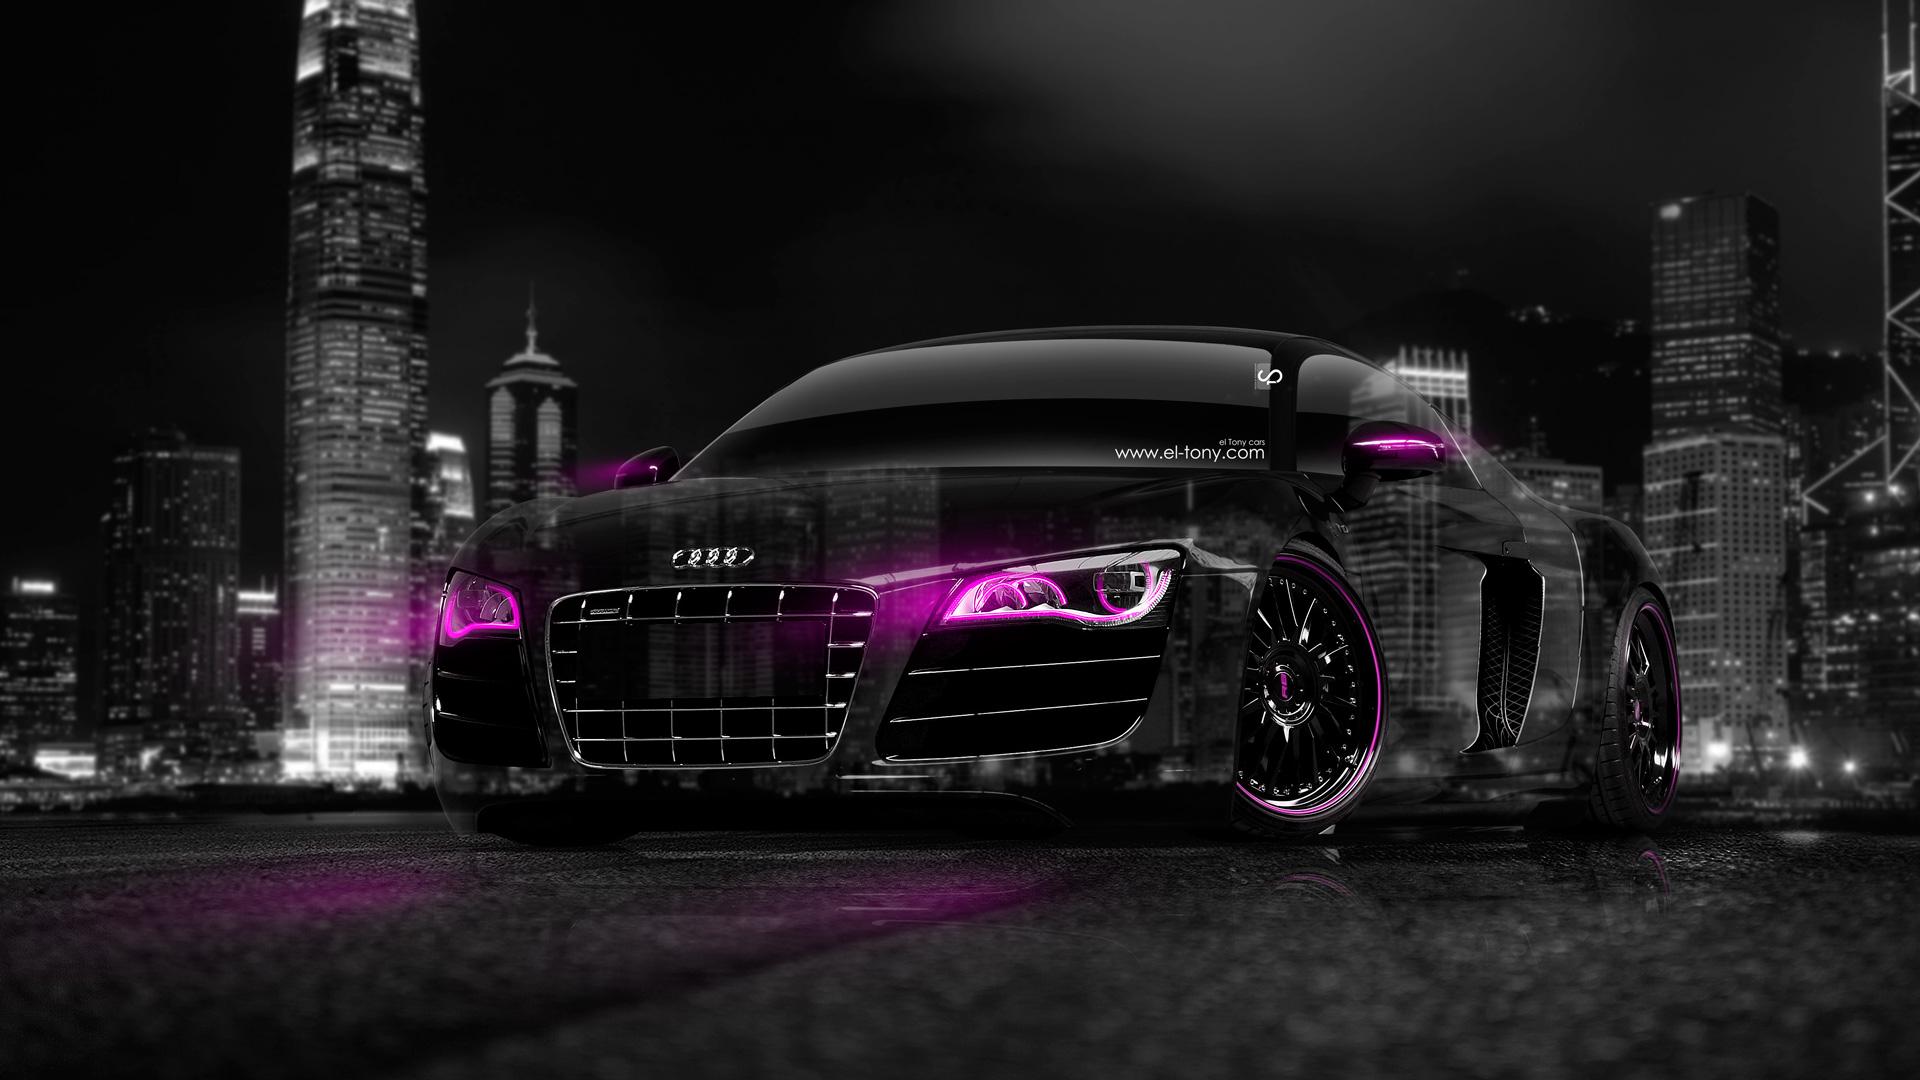 Audi R8 Wallpaper | Audi Wallpapers | Cars Wallpapers-Images